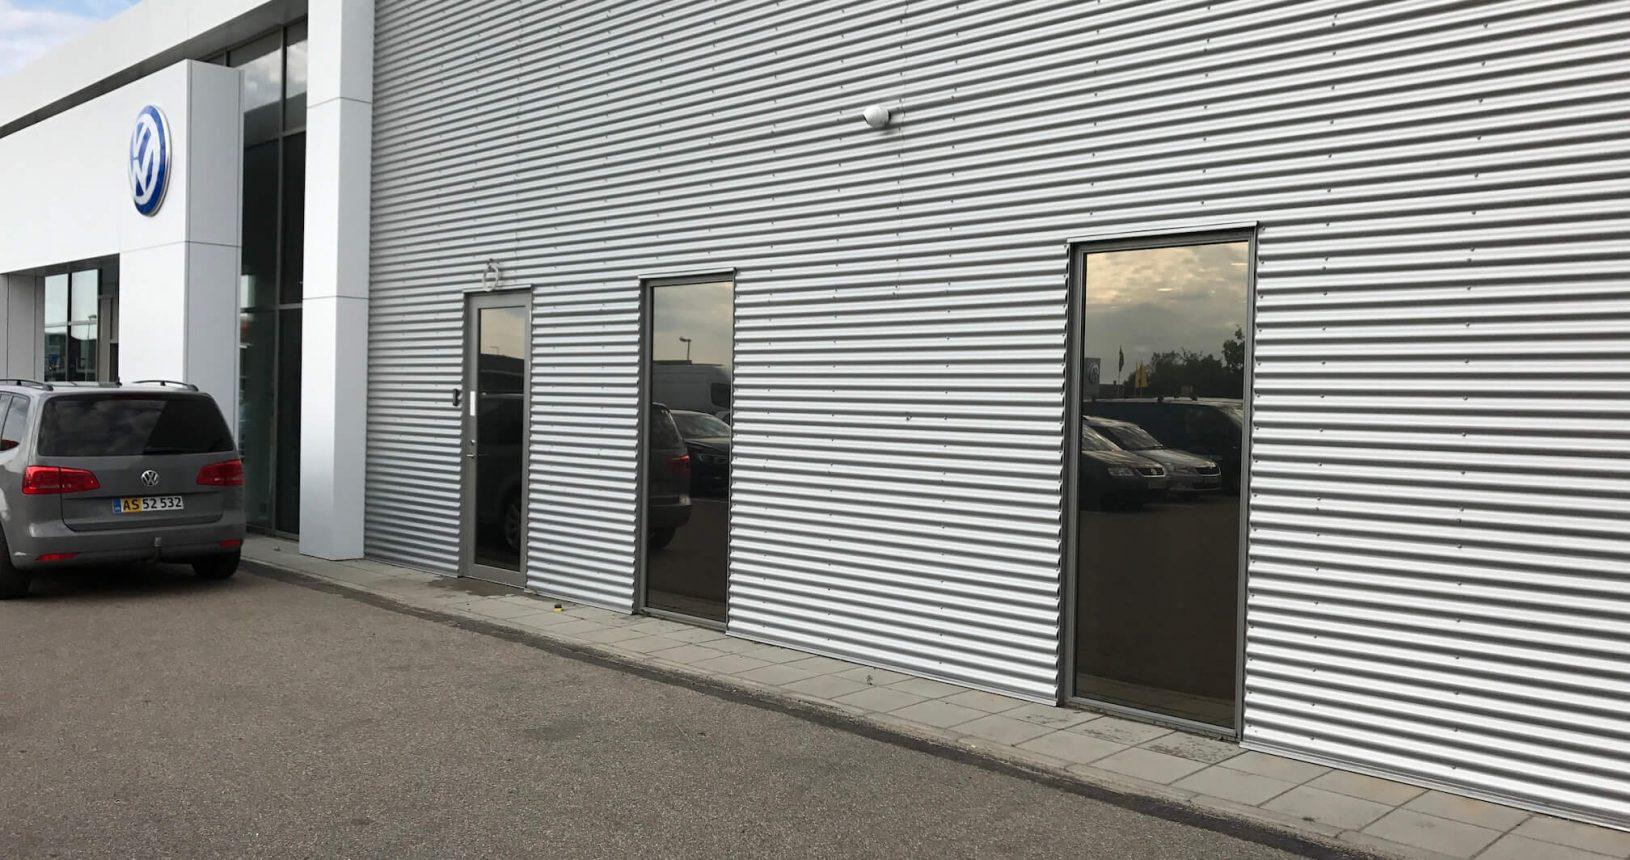 Natural udvendig solfilm monteret imod blænding hos VW i Ringsted